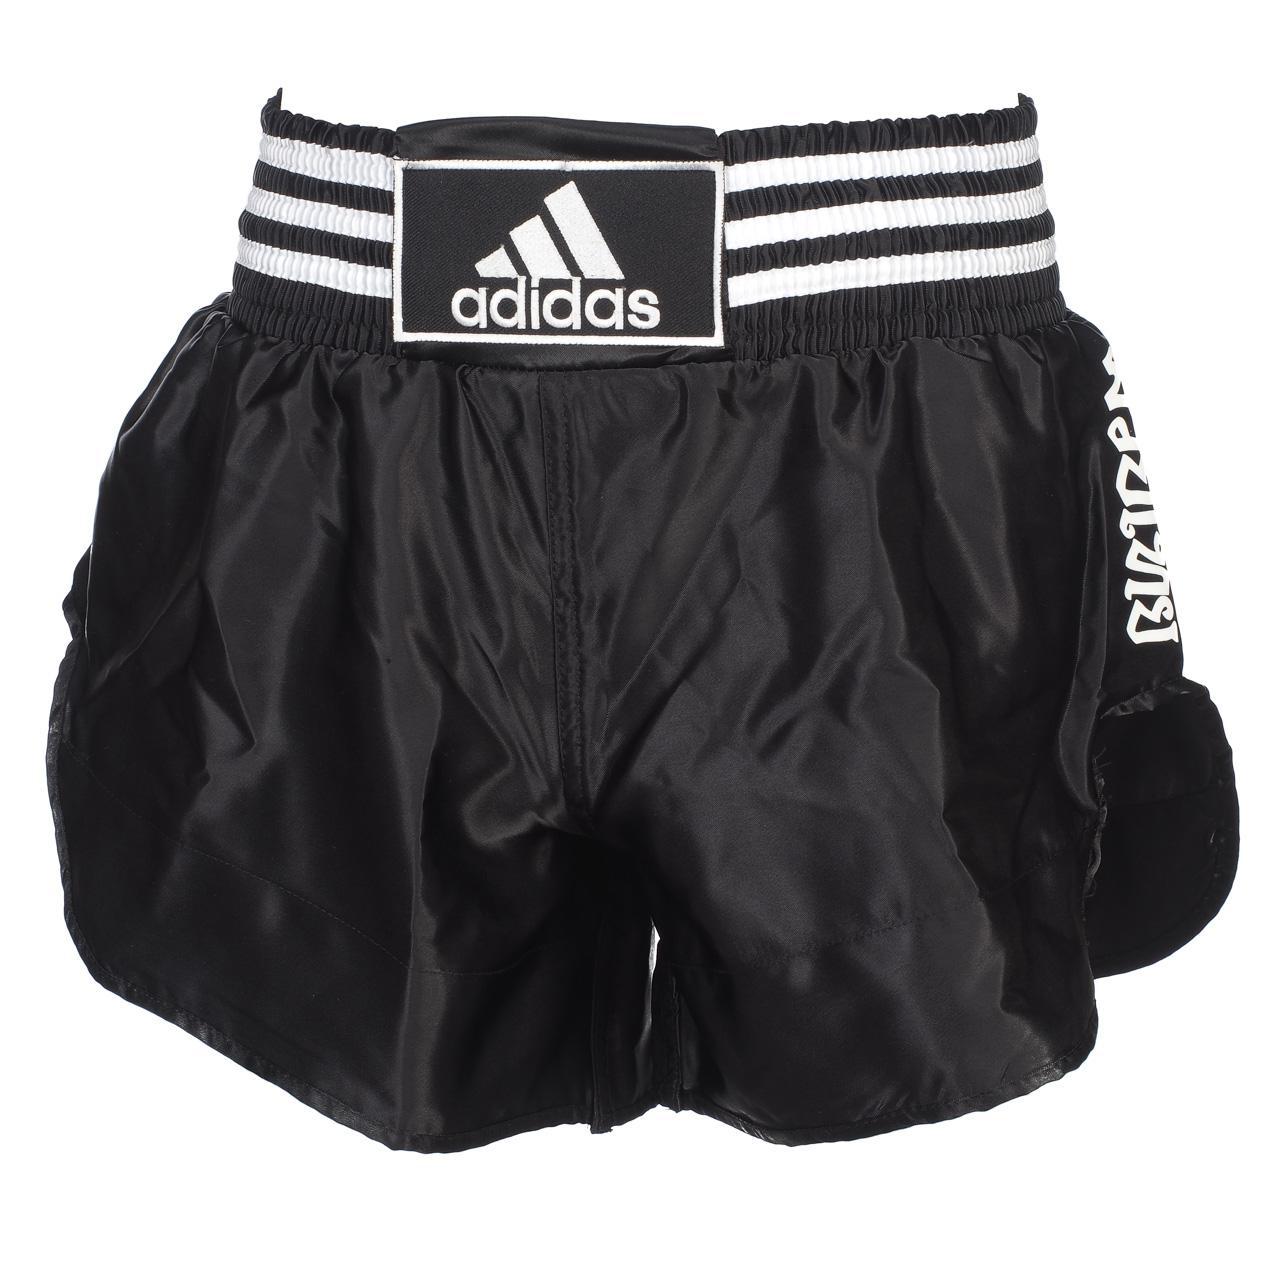 Détails sur Short de boxe Adidas Short noirblc boxe thai Noir 16038 Neuf